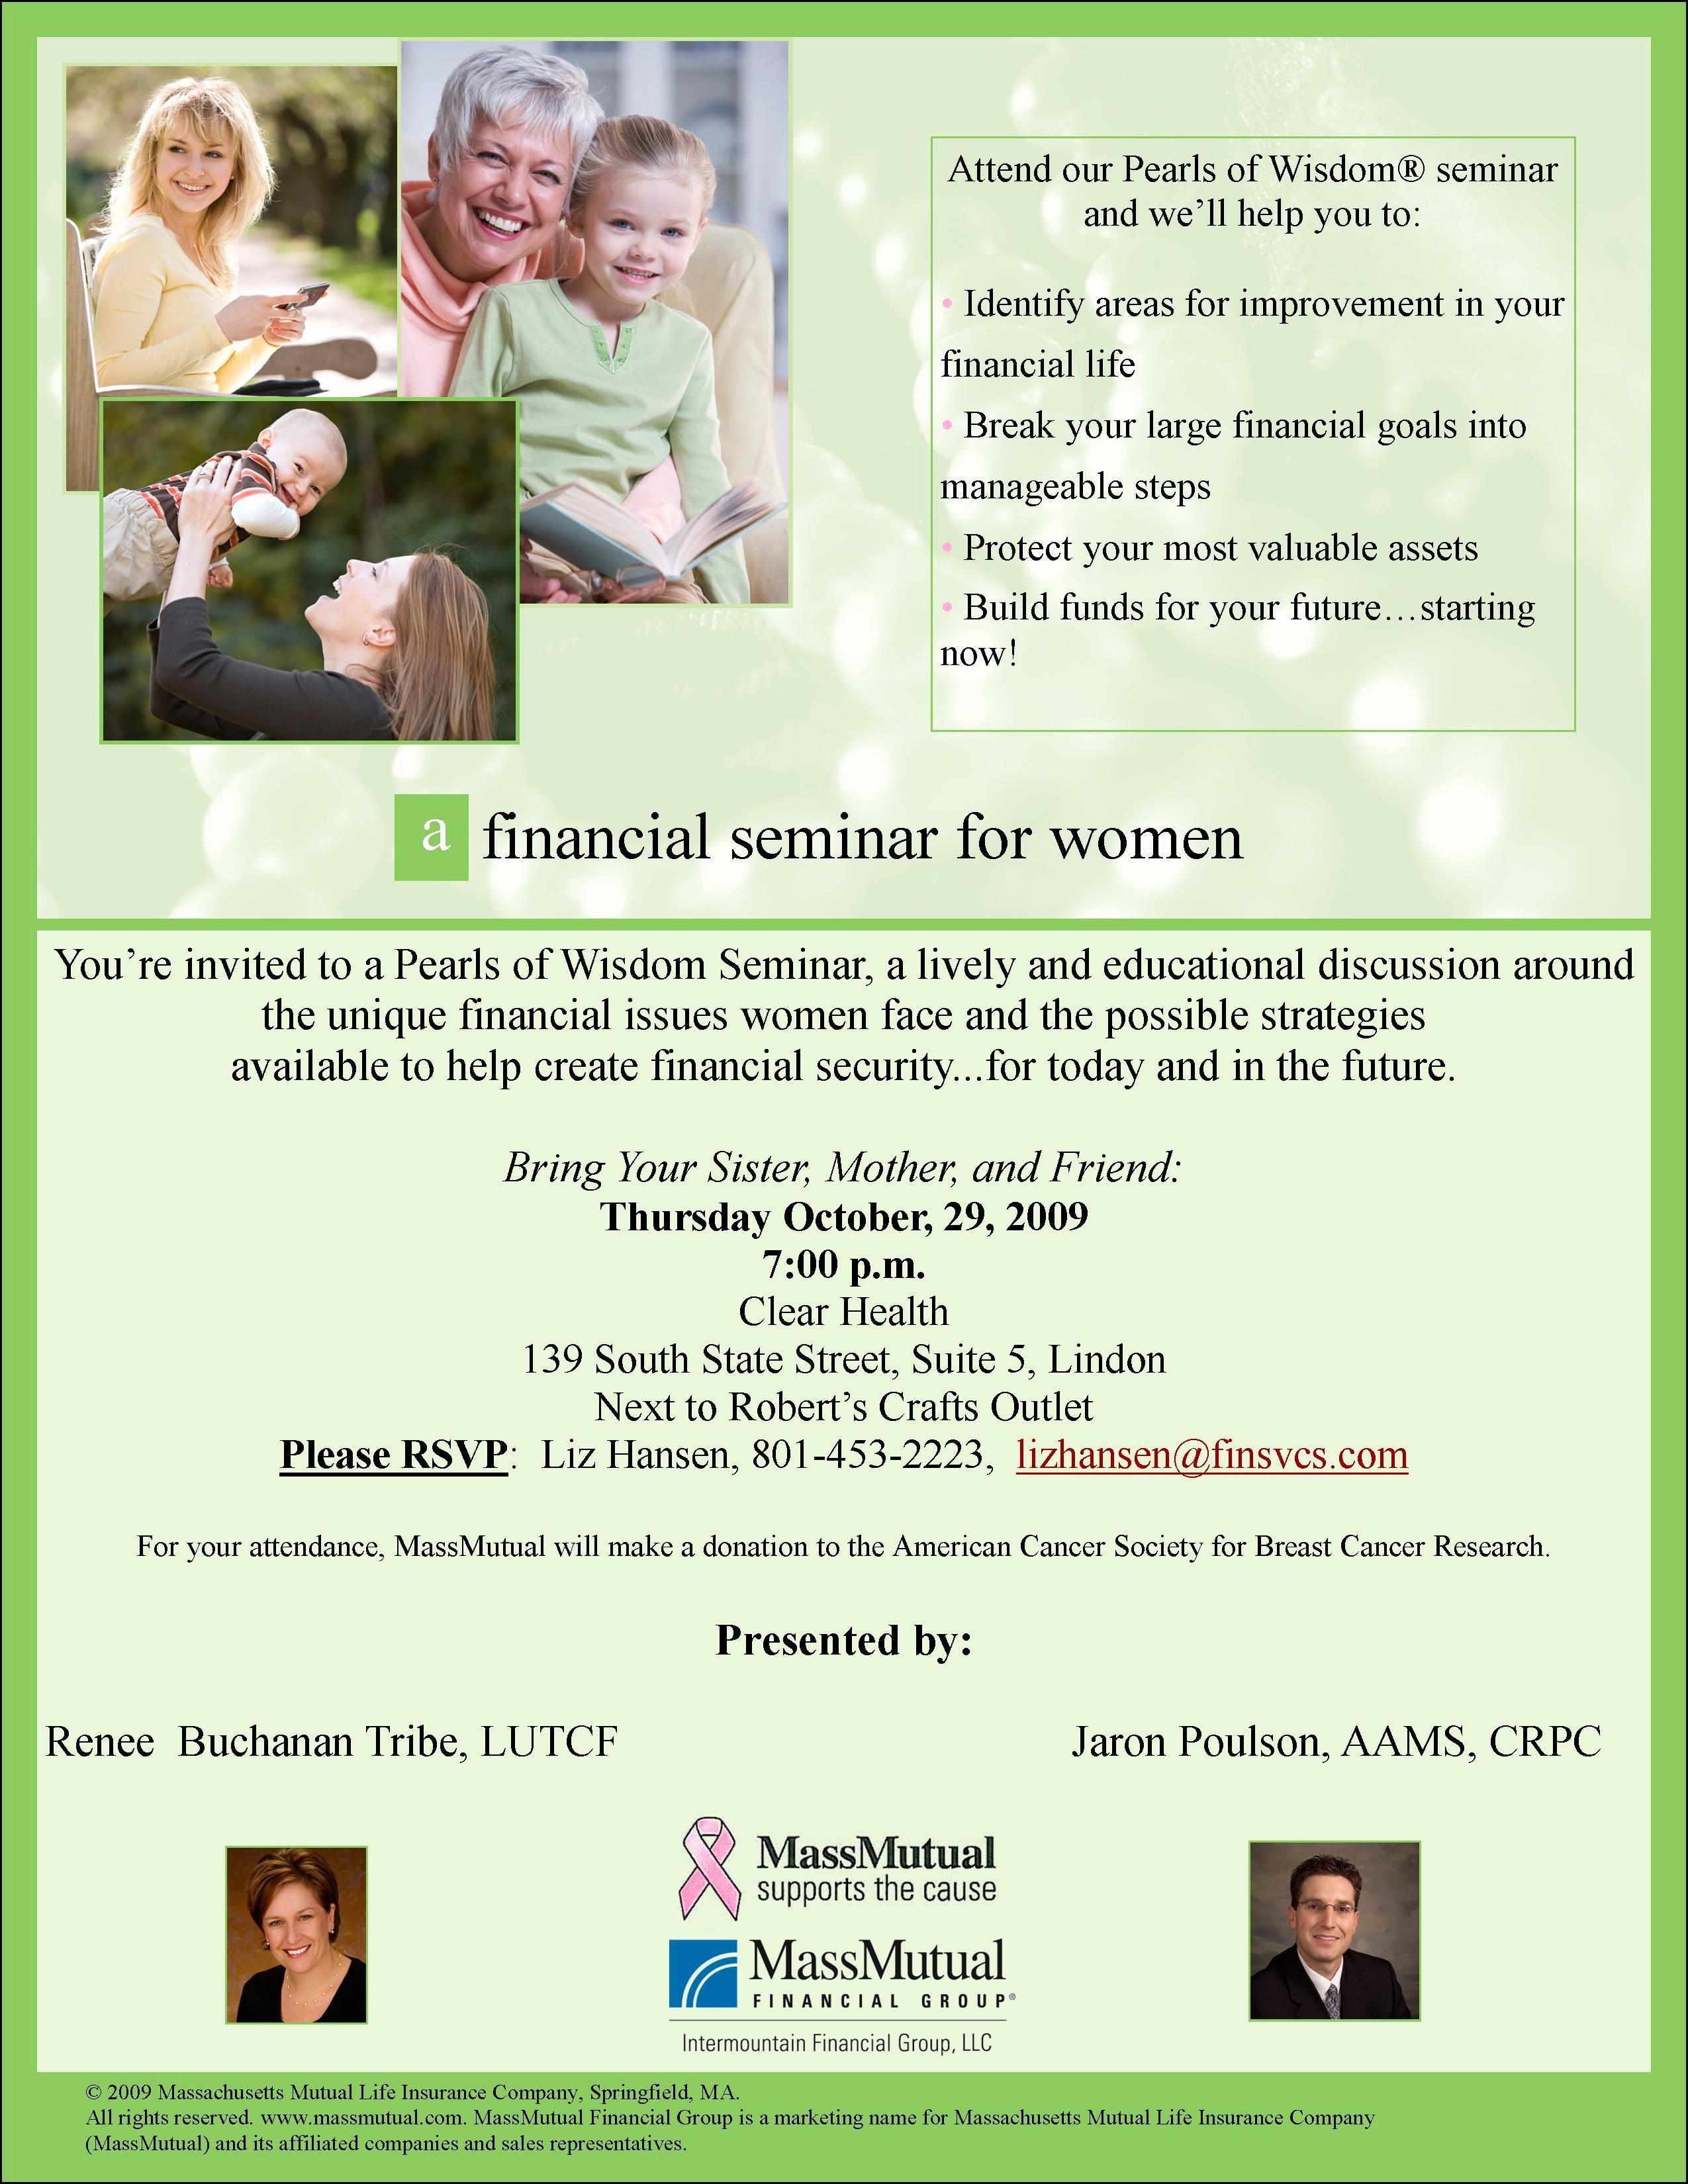 Seminar Invitation Templates Awesome Financial Seminar Wording